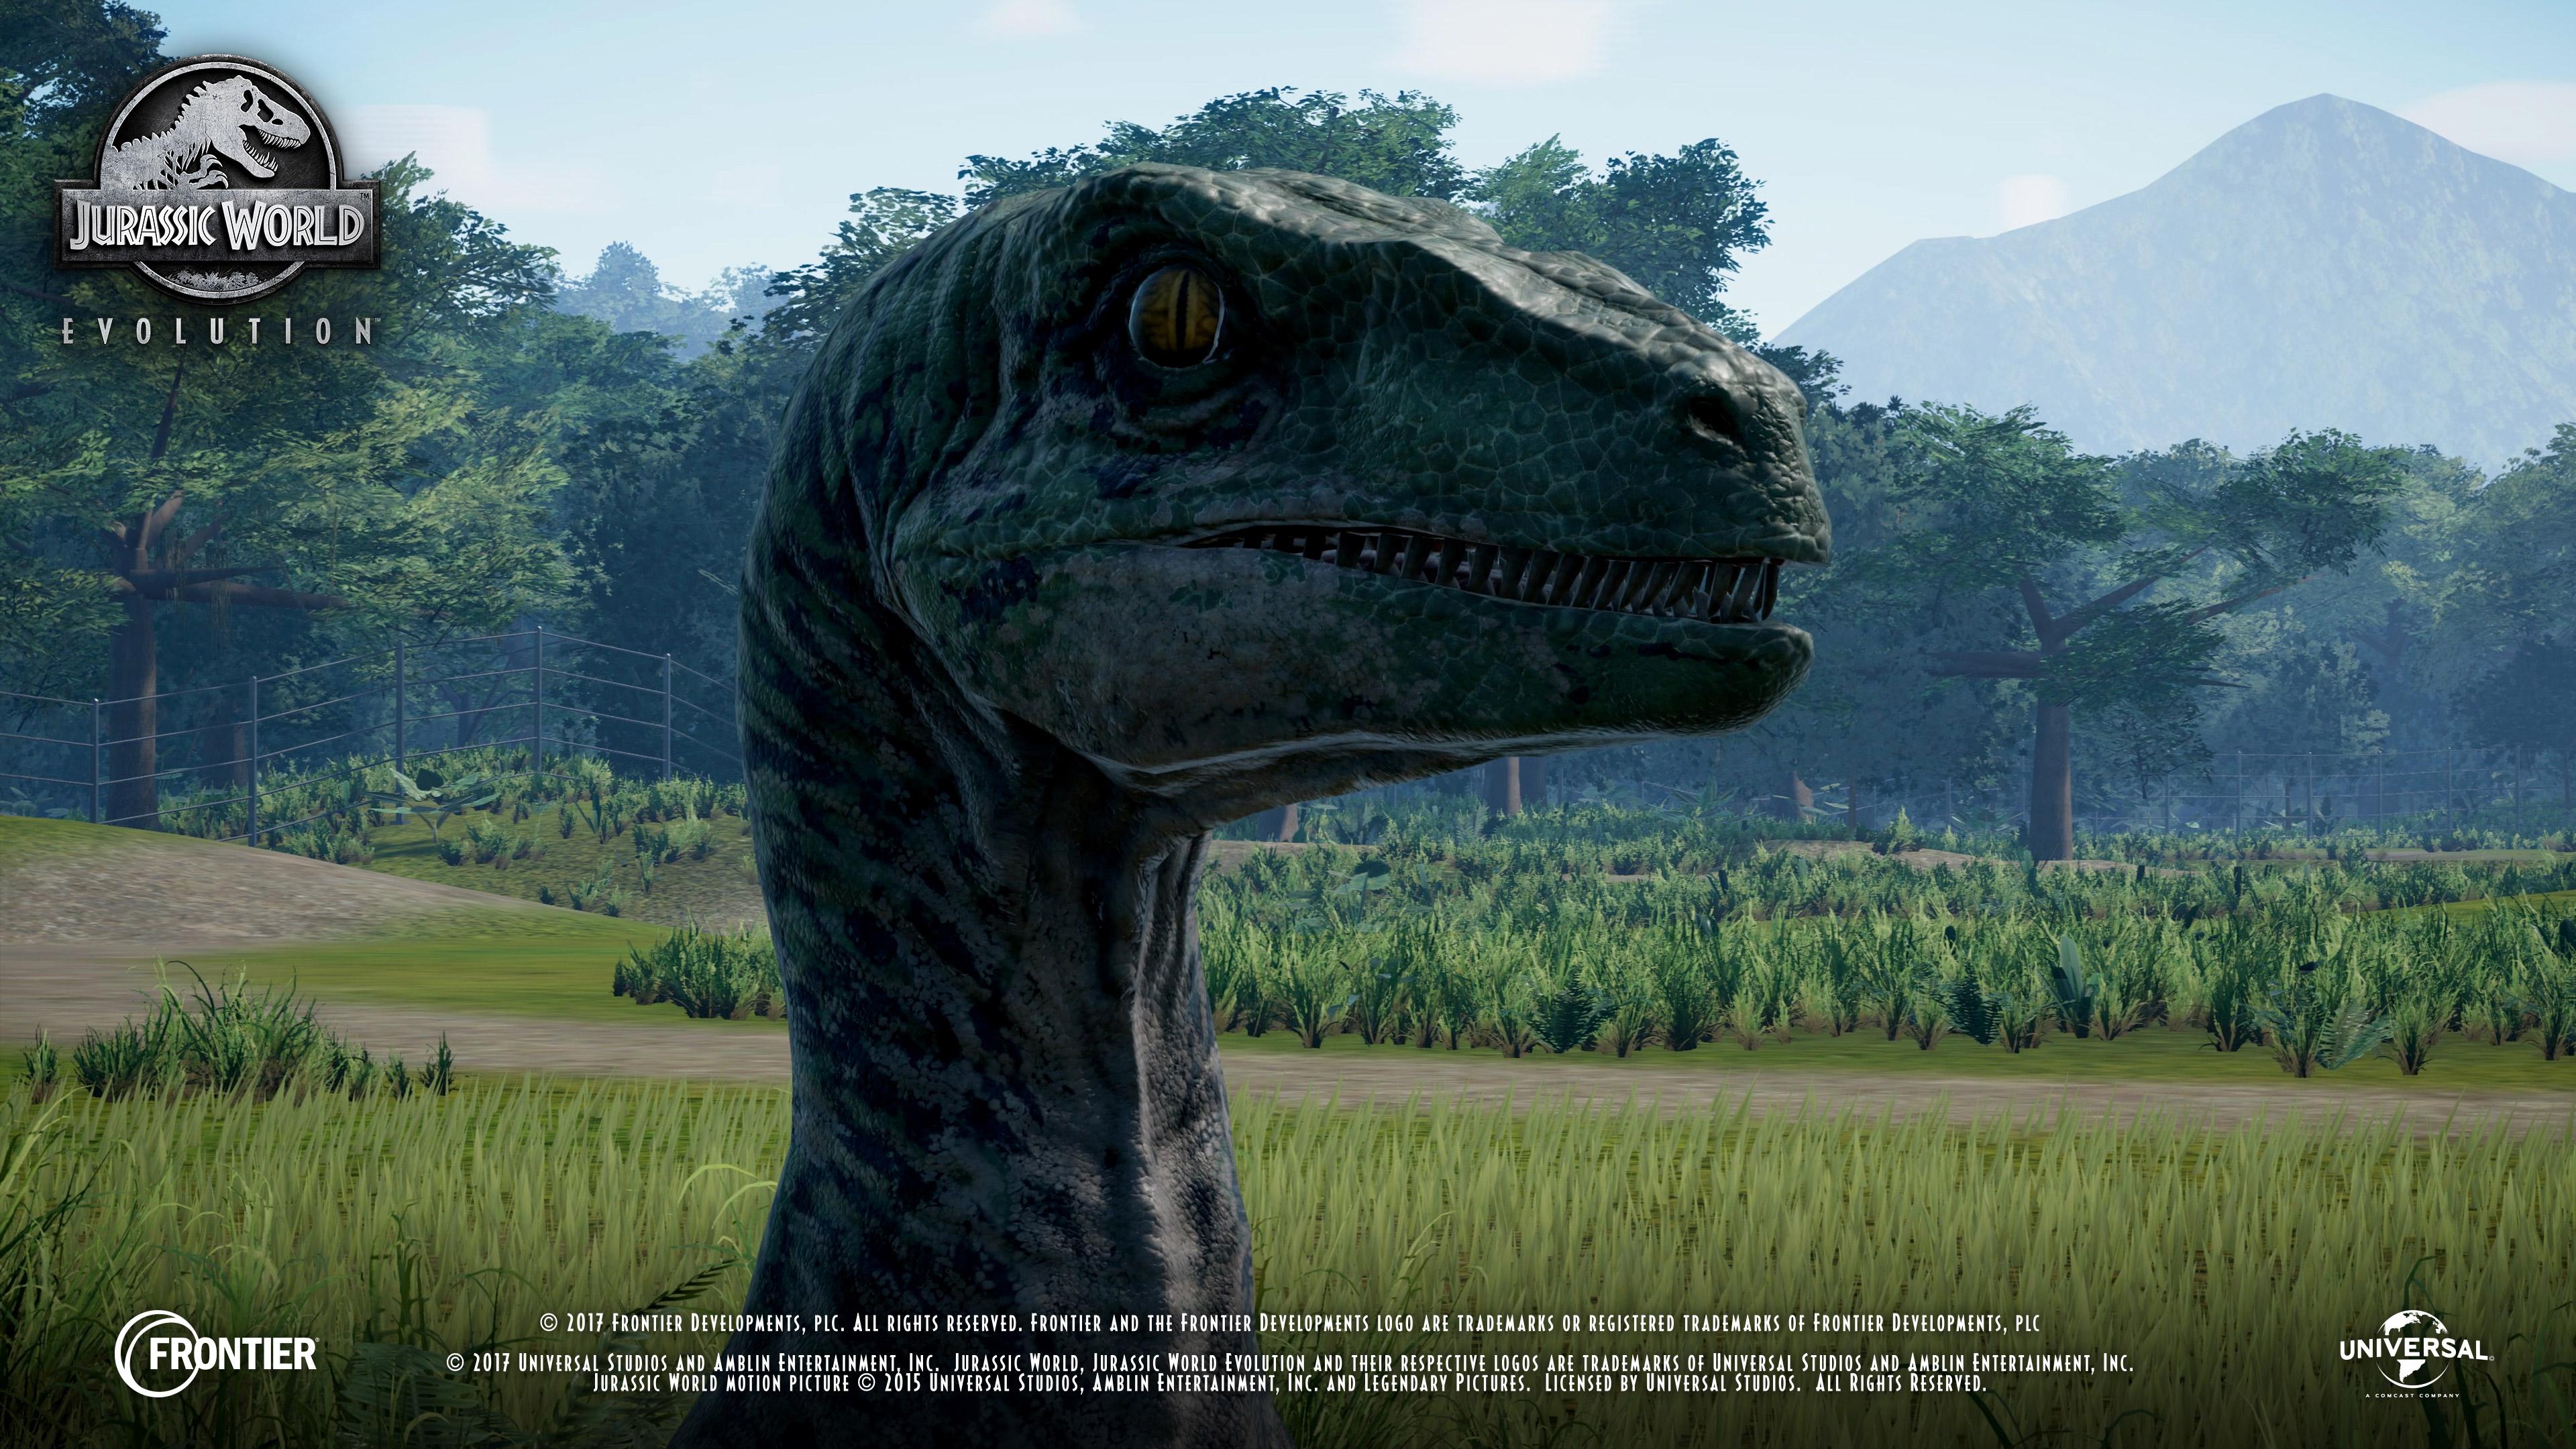 В новом видео Jurassic World Evolution рассказали о развитии собственного парка и уходе за динозаврами